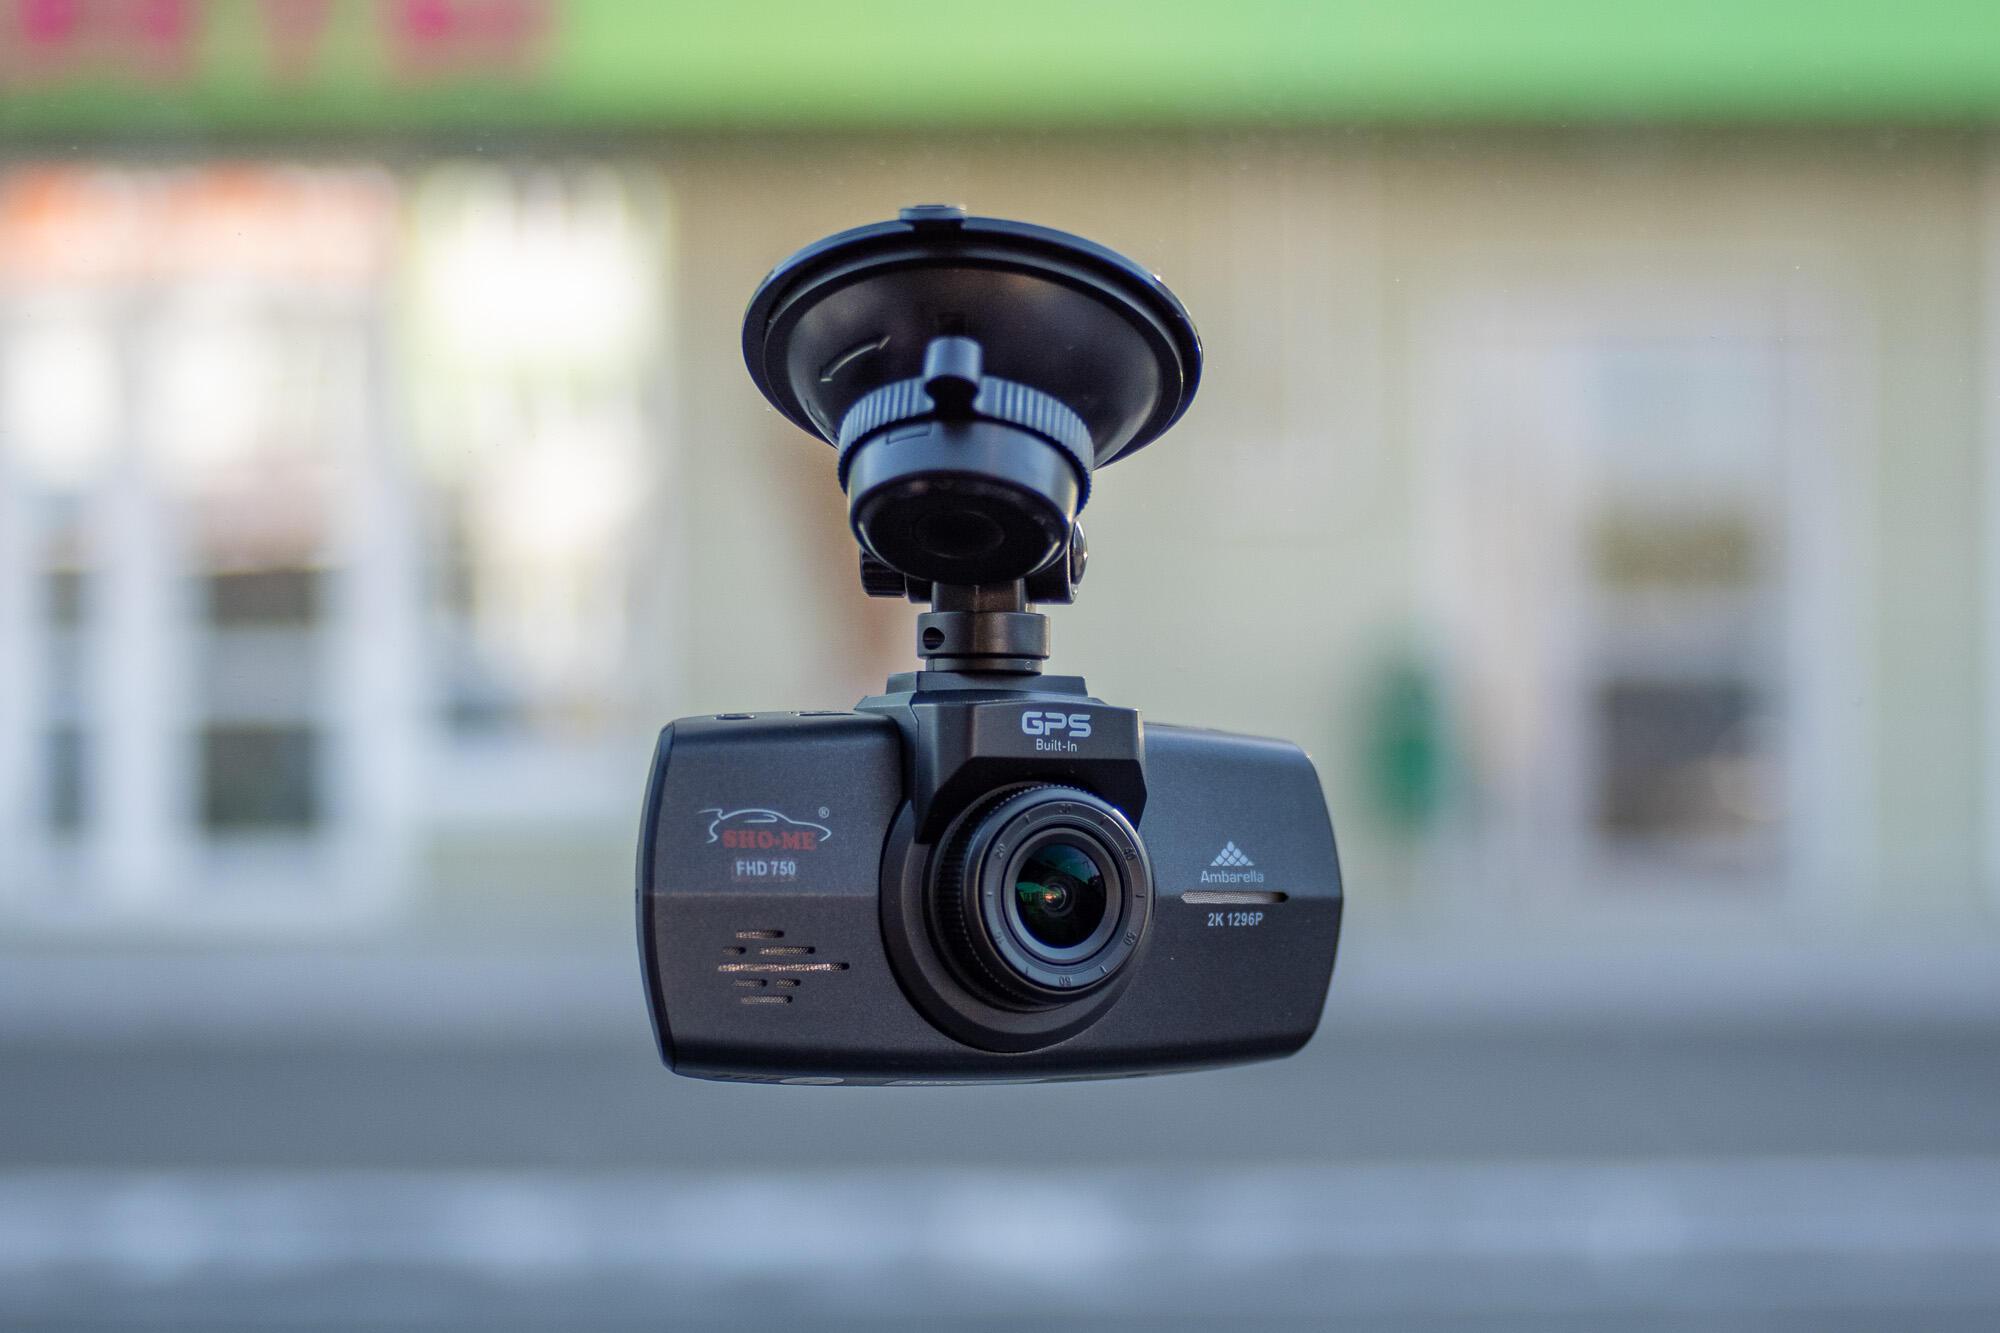 Avtotovary - Kak vybrat videoregistrator (2018)